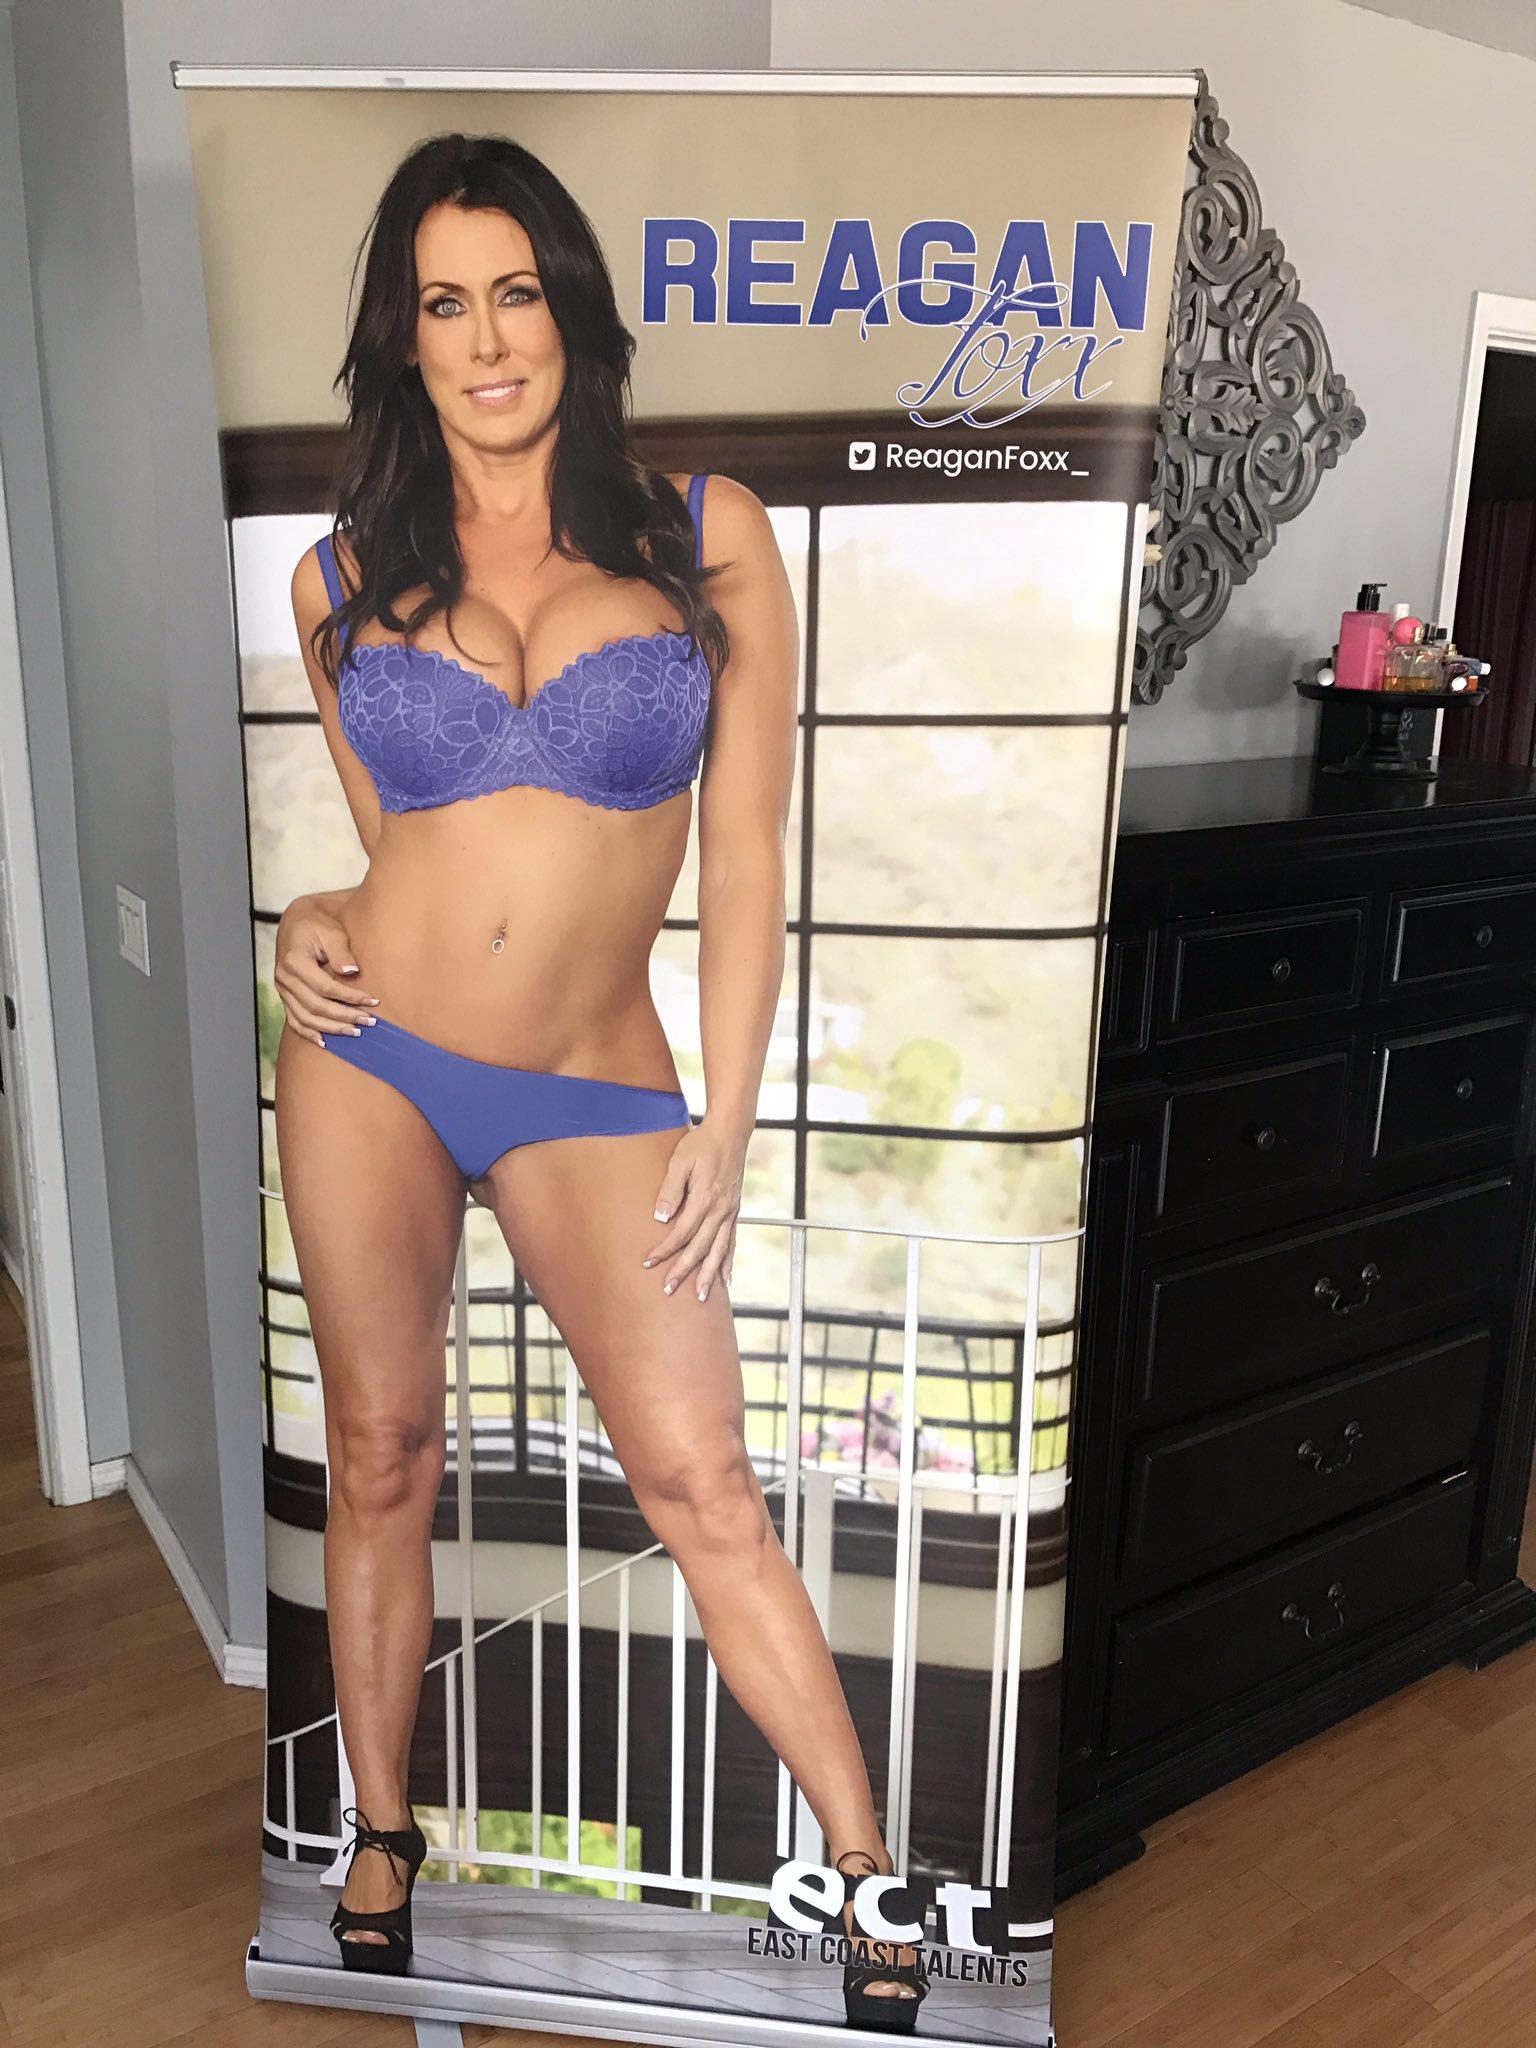 Reagan Foxx Pics